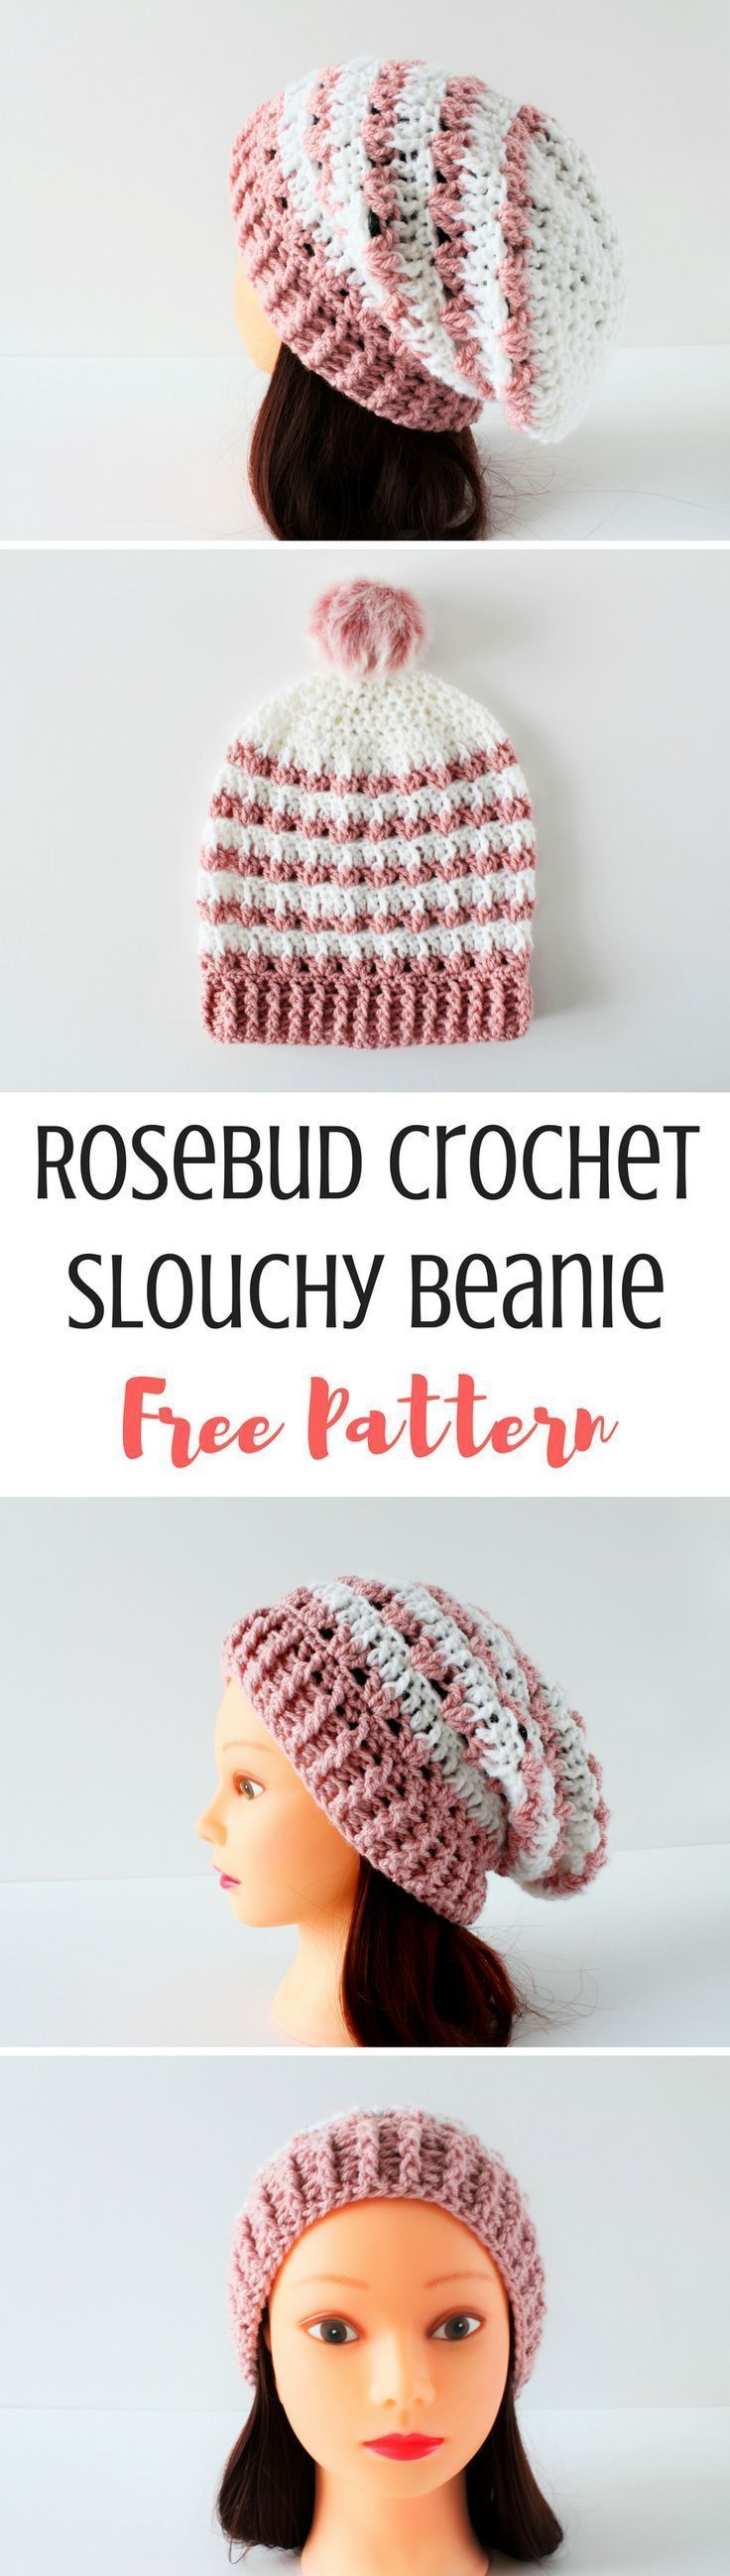 Rosebud: Crochet Slouchy Beanie Pattern   Crochet fun   Pinterest